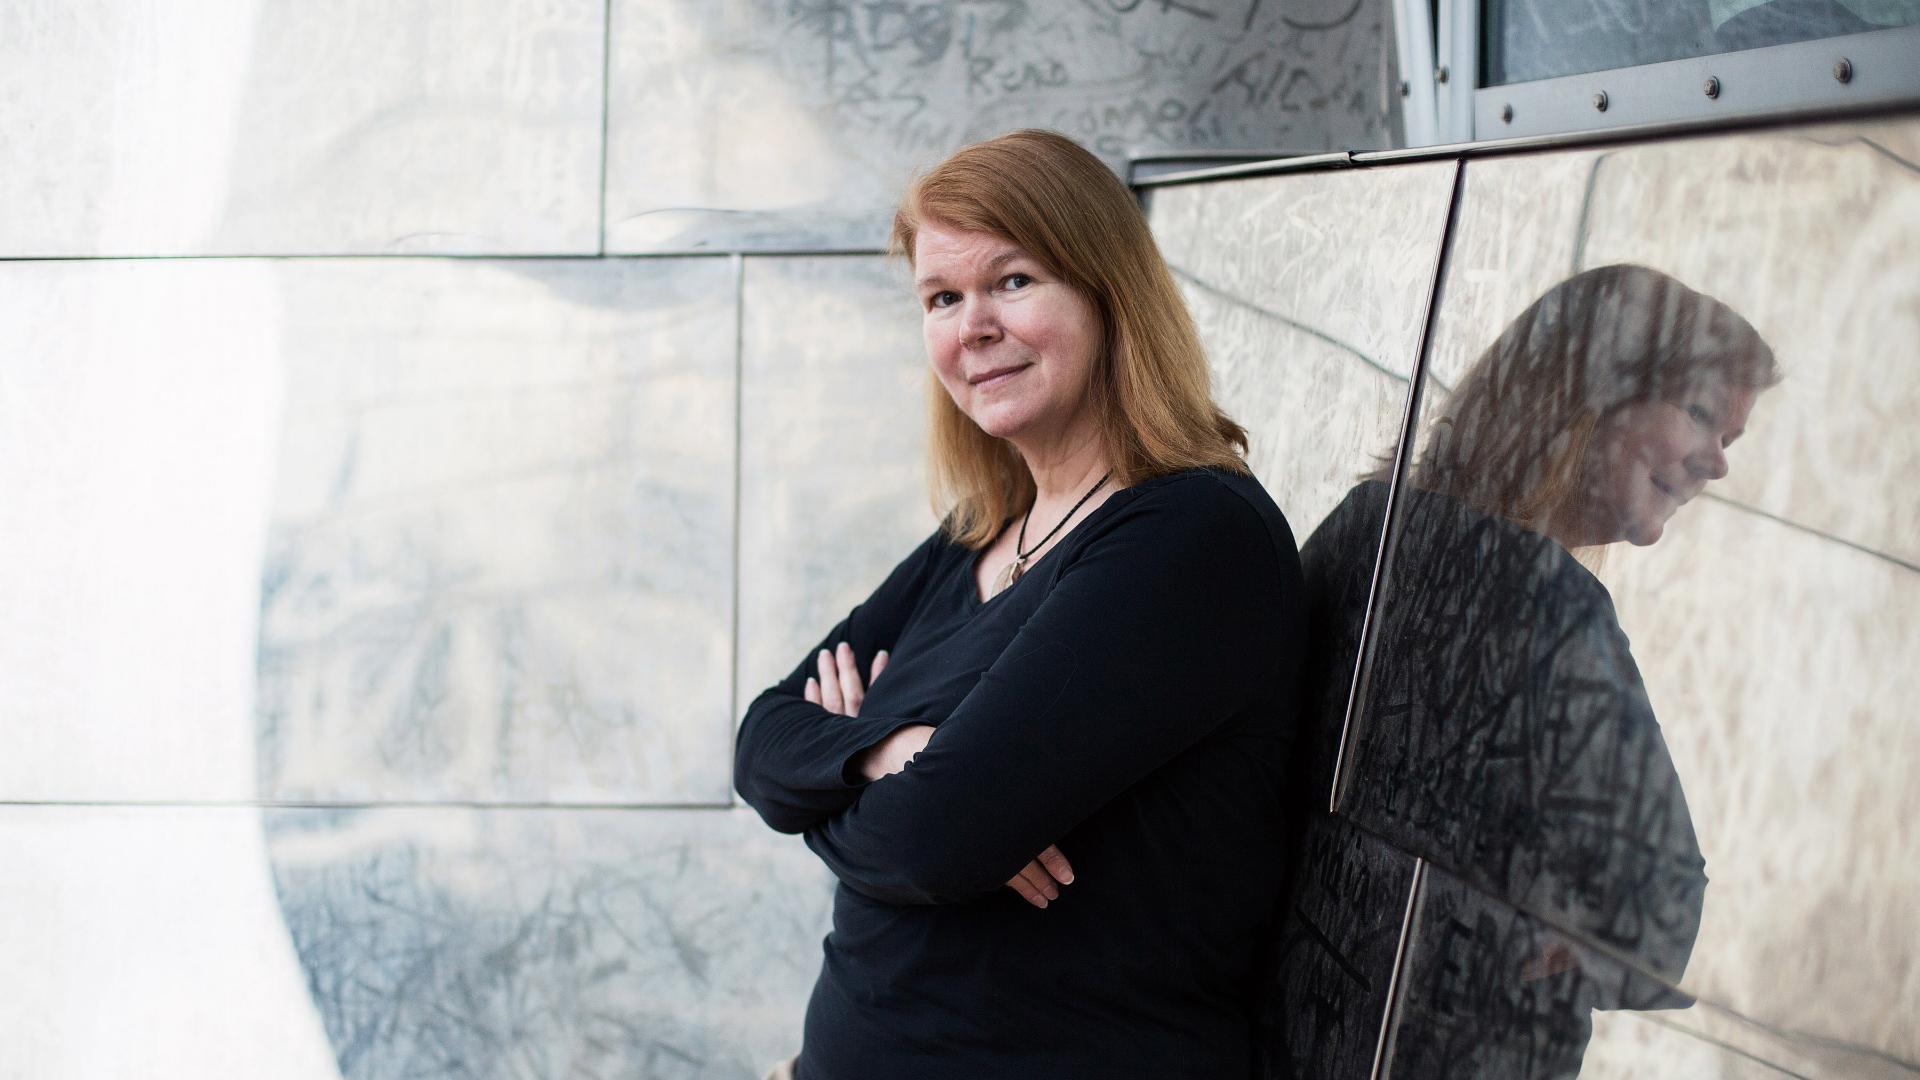 Janet Conrad by Kayana Szymczak